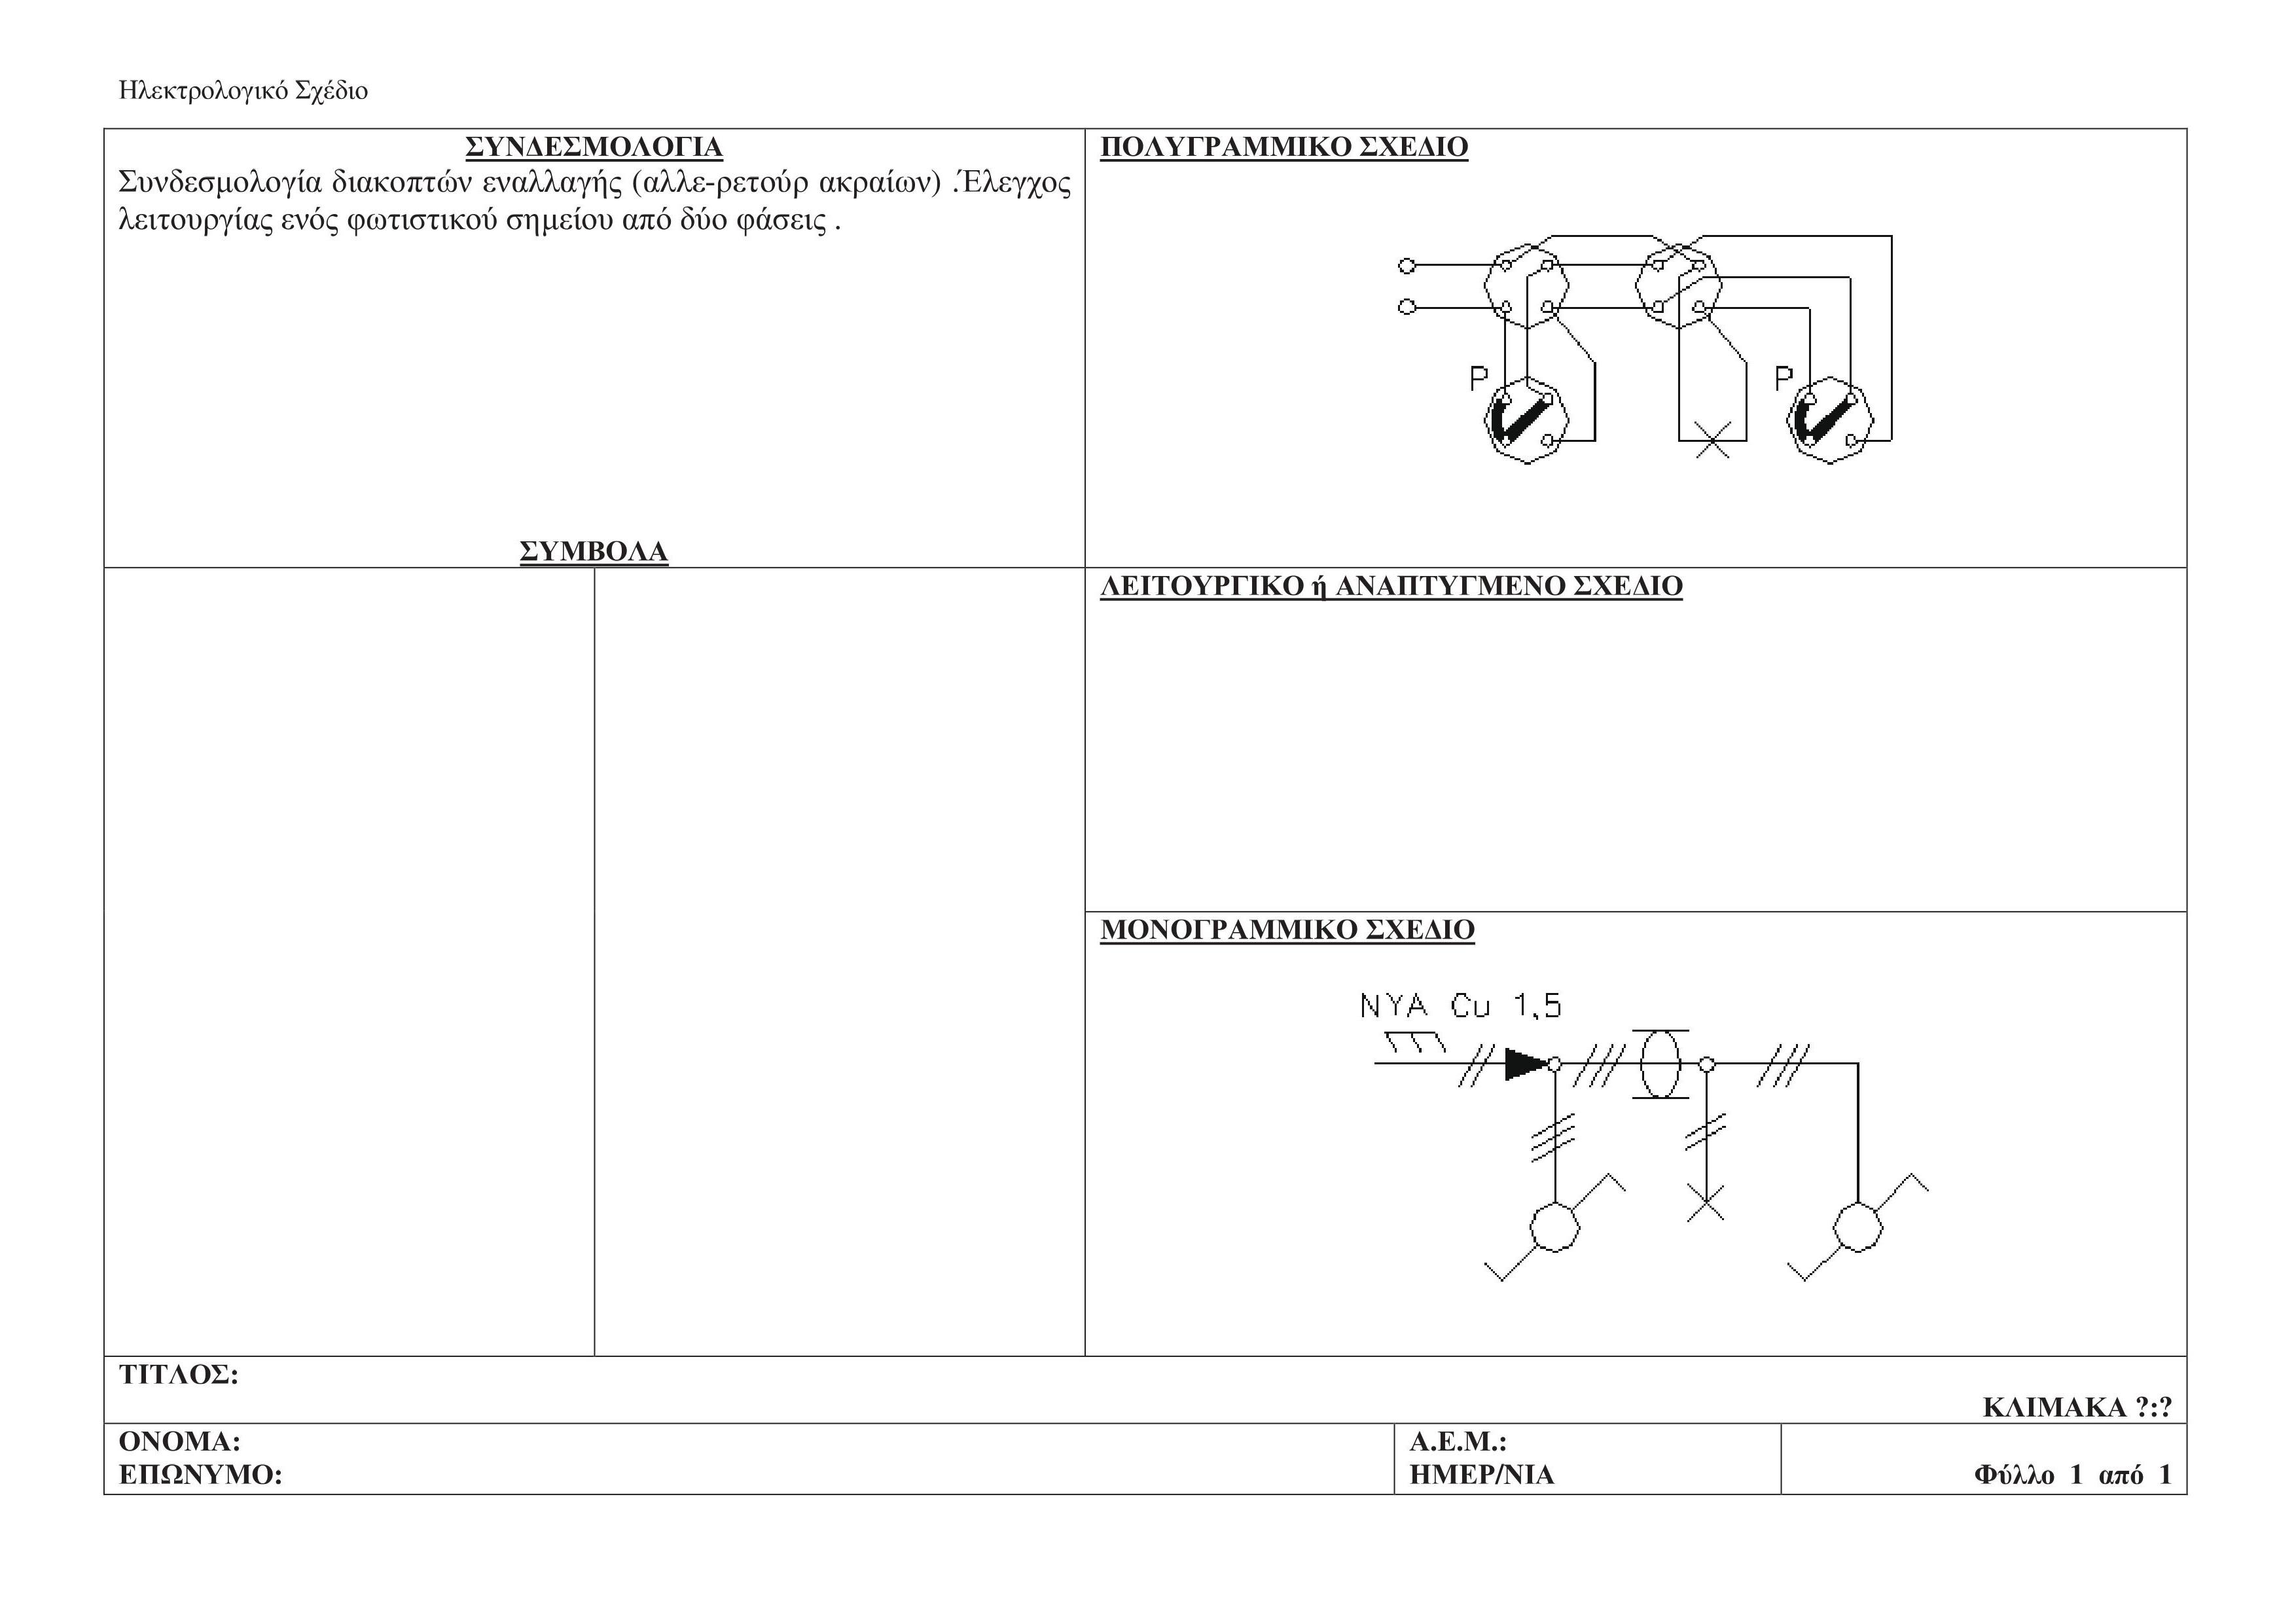 Ηλεκτρολογικό Σχέδιο 14